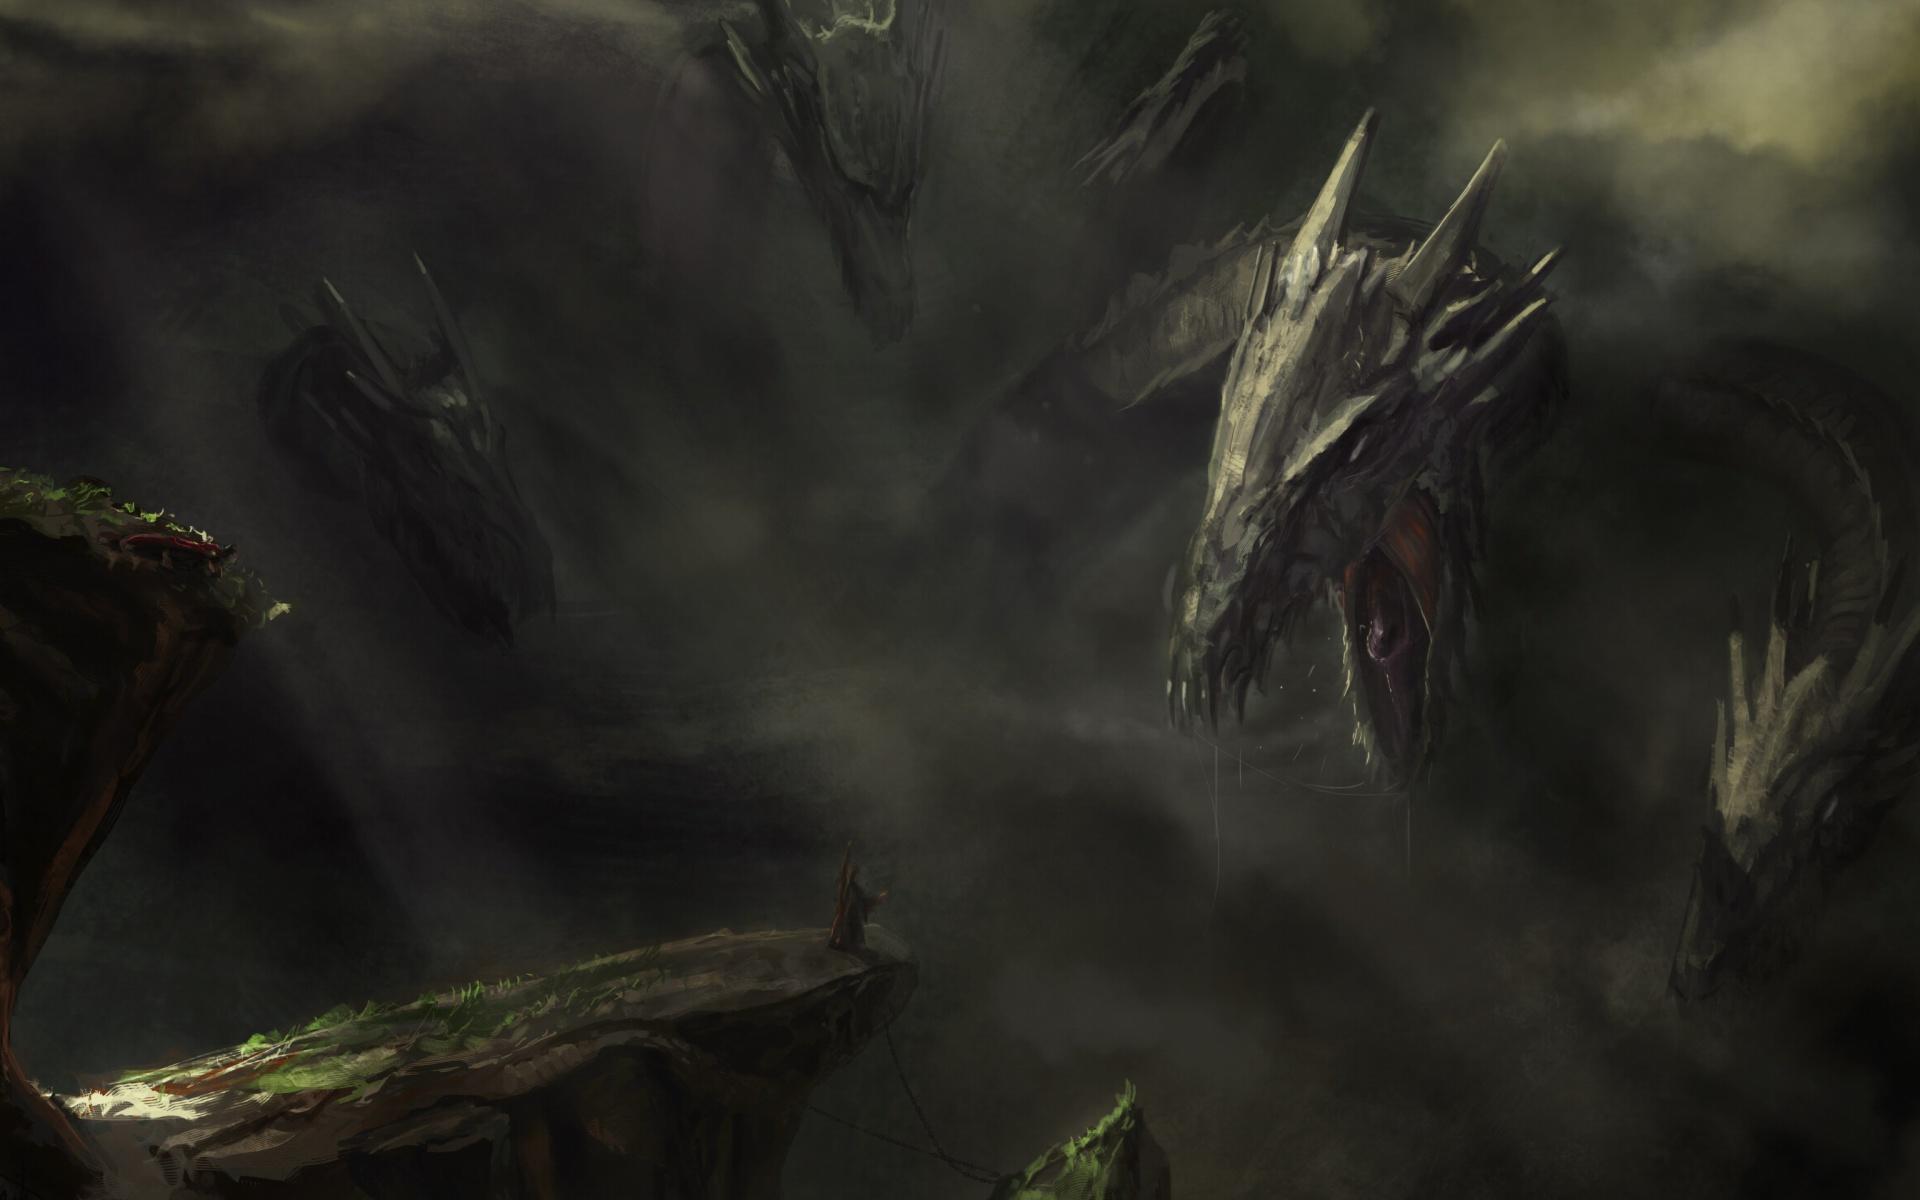 monster hydra wallpaper for widescreen desktop pc